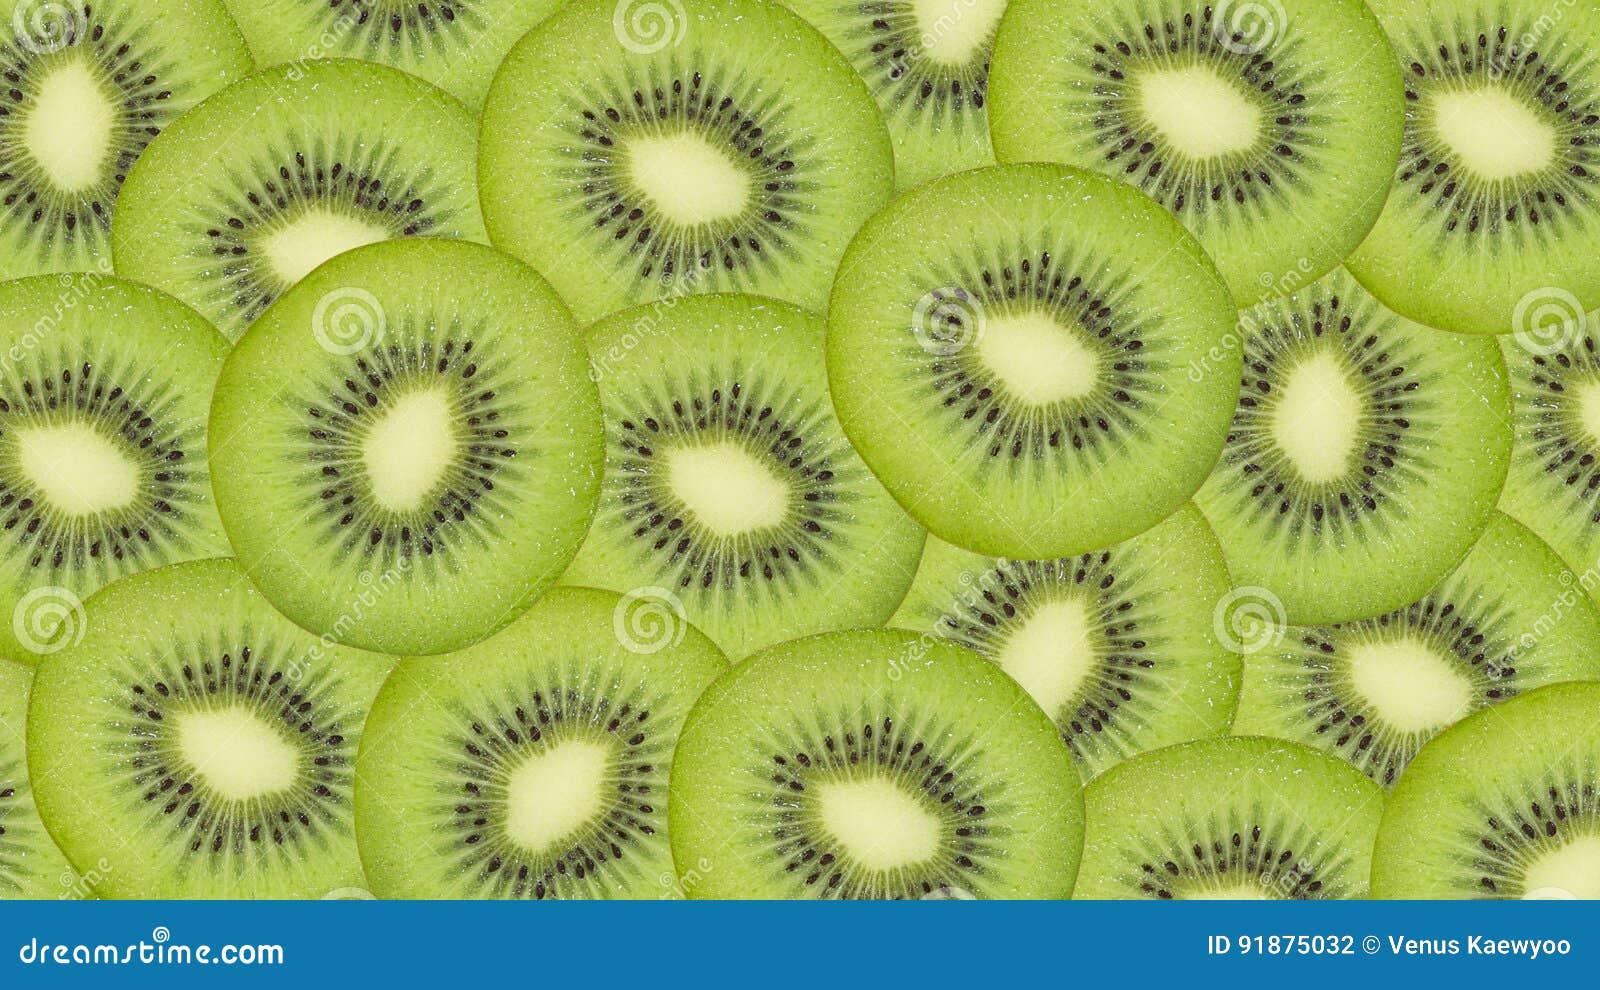 Sliced kiwi fruit pattern background